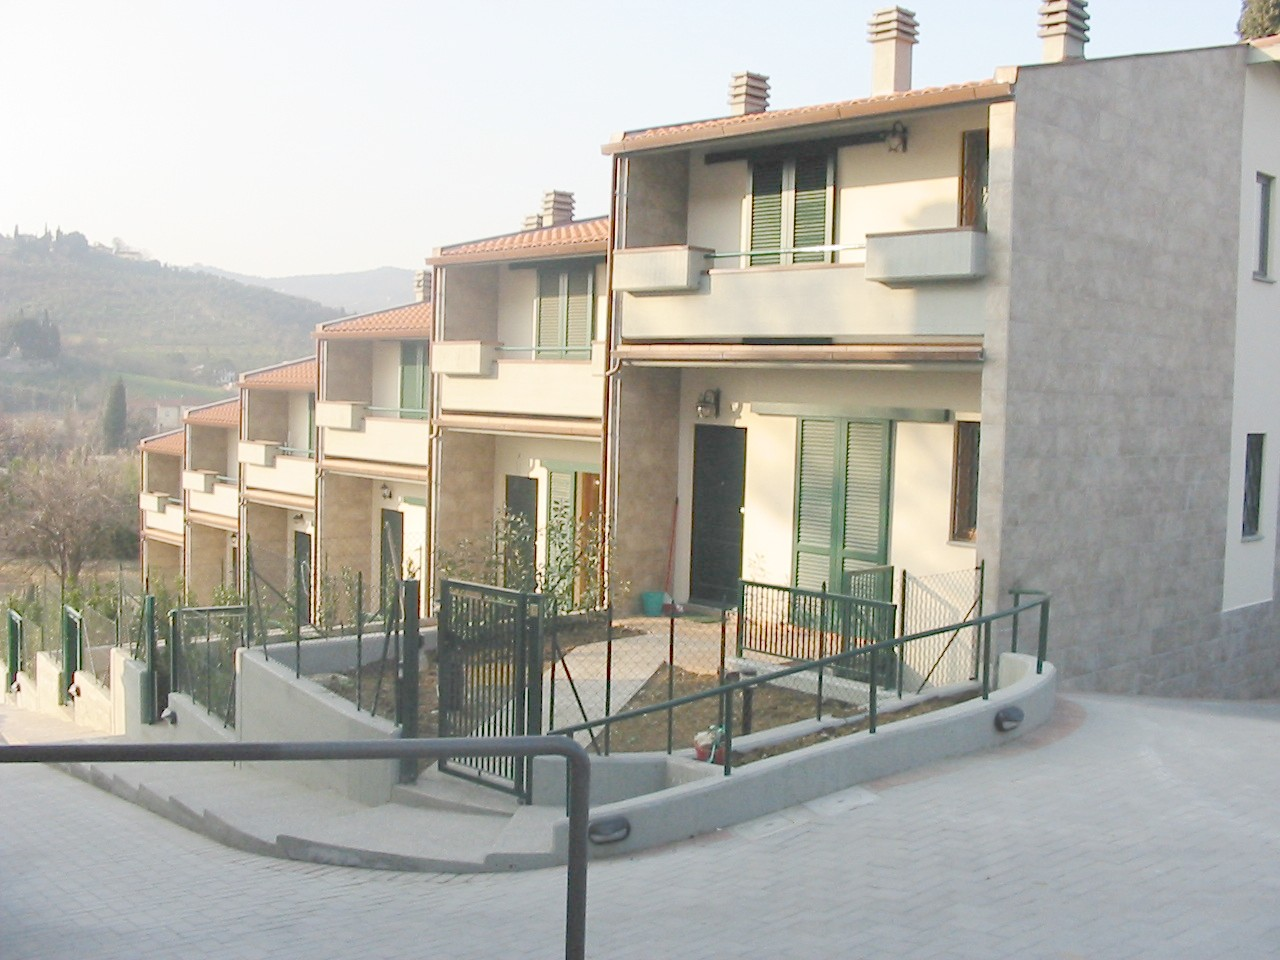 Bagno a ripoli loc vallinacrv edilizia for Bagno a ripoli fi